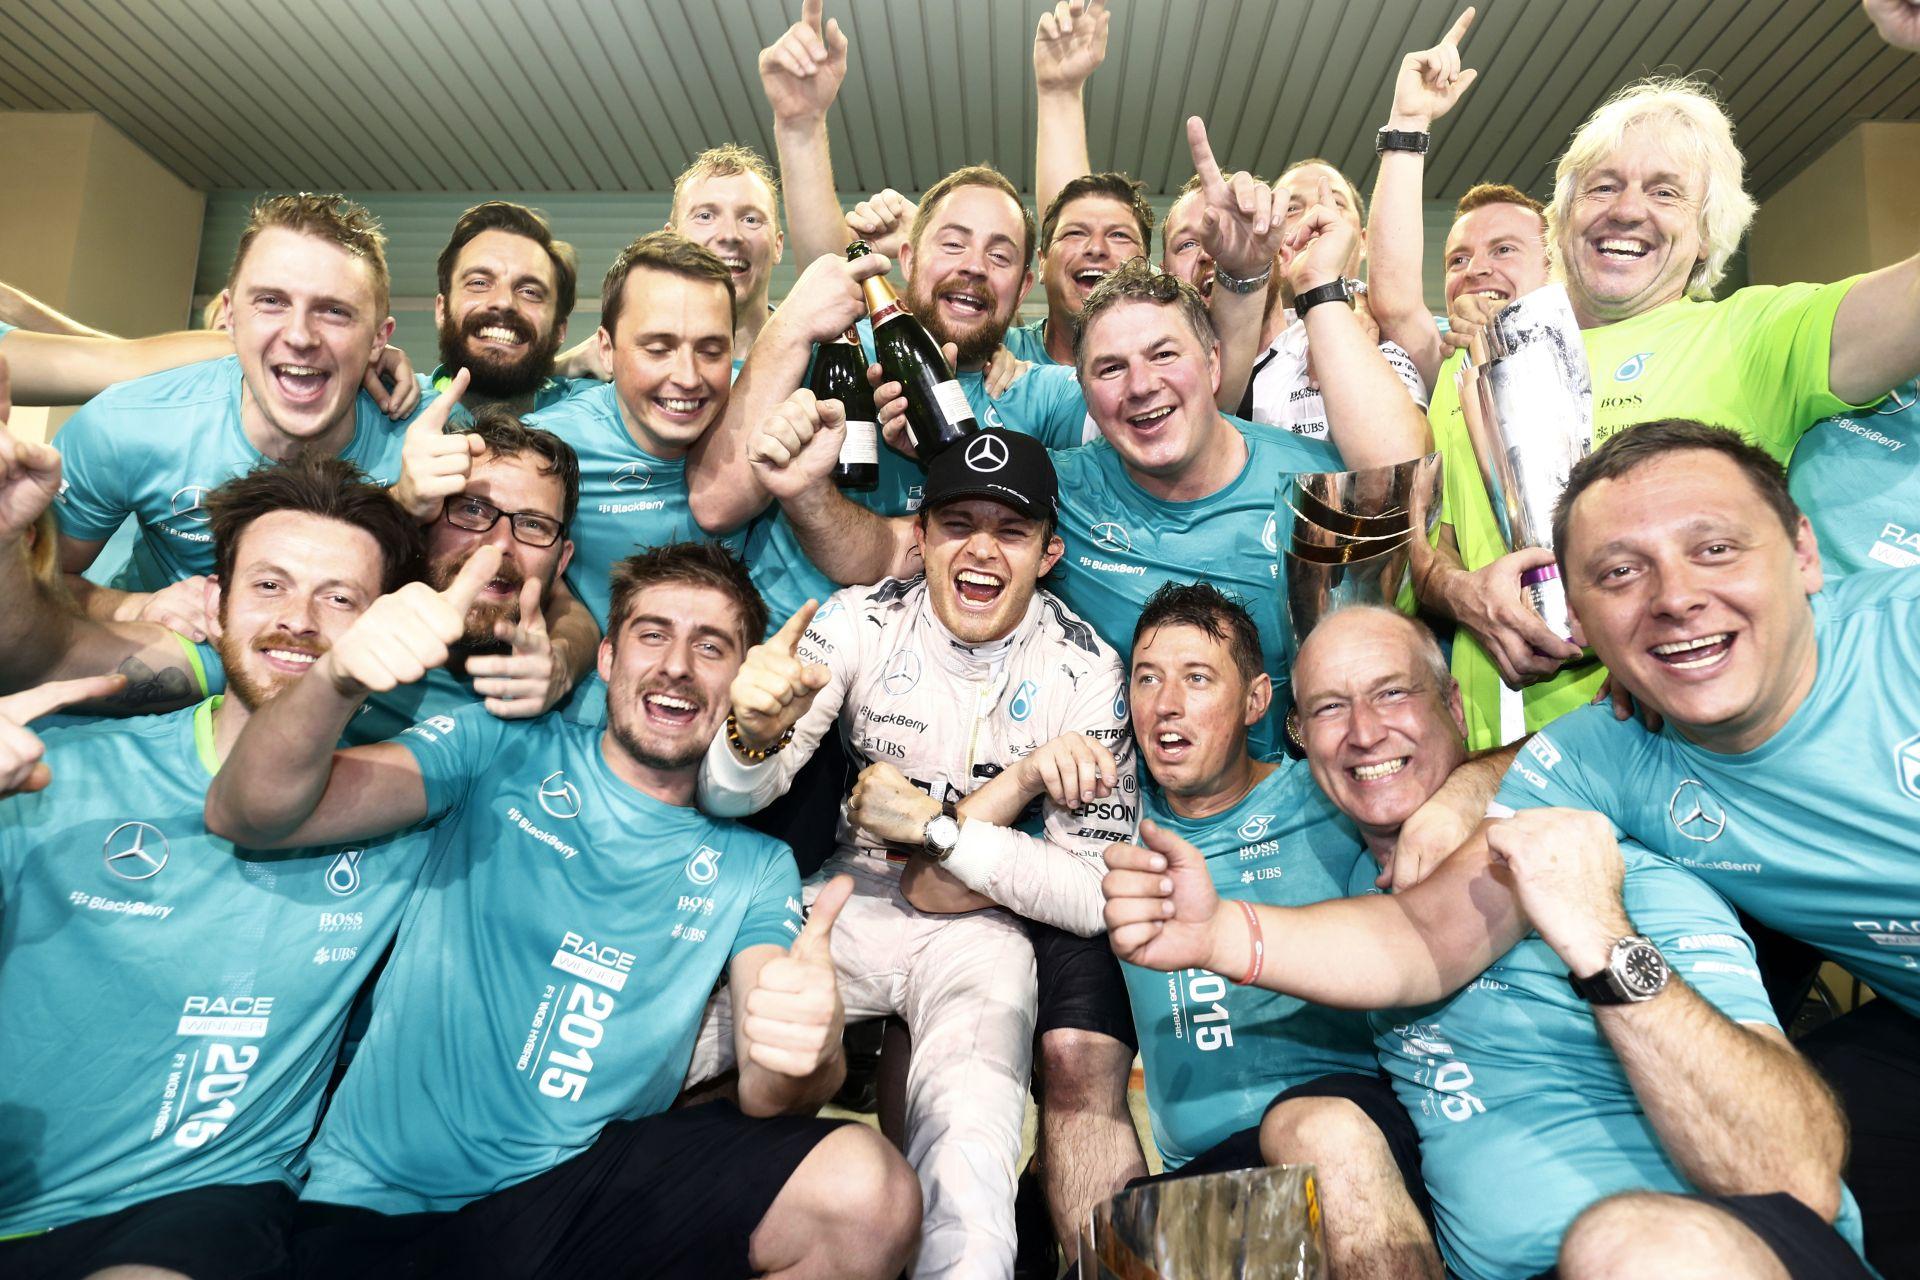 Képgaléria Rosberg újabb győzelméről: mesterhármas a végére